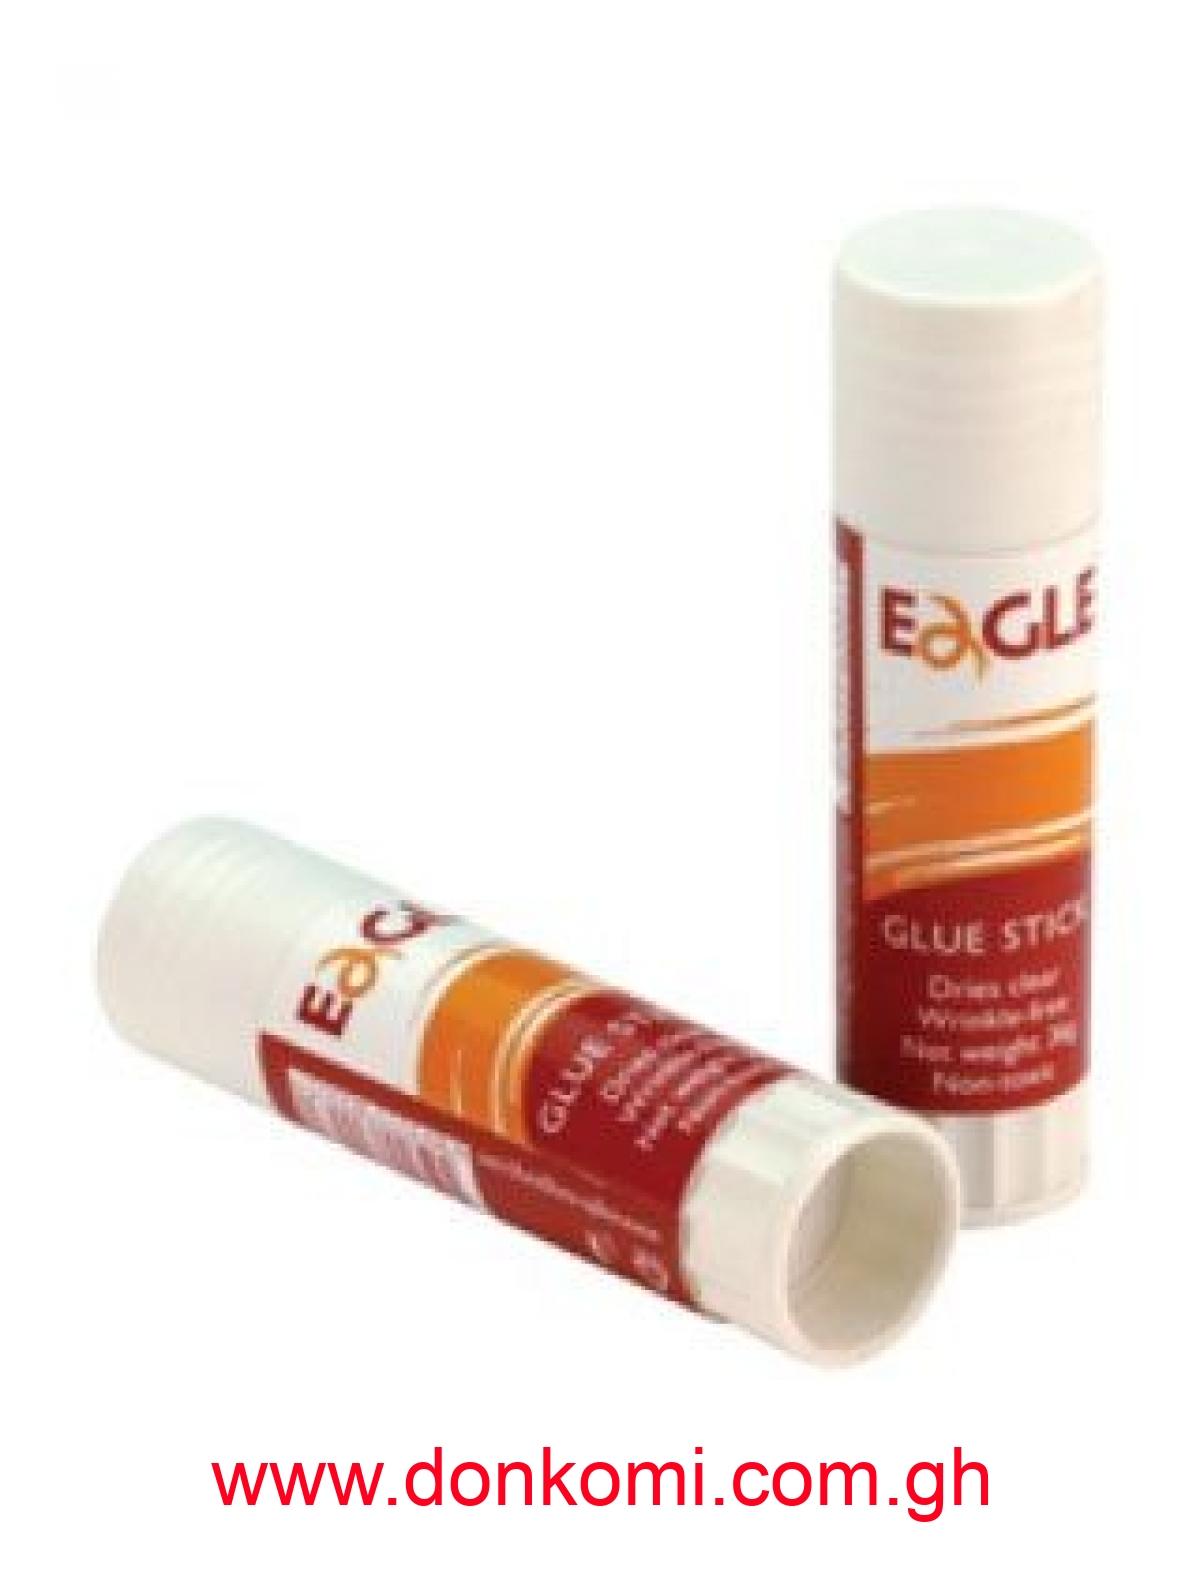 36G Glue Stick